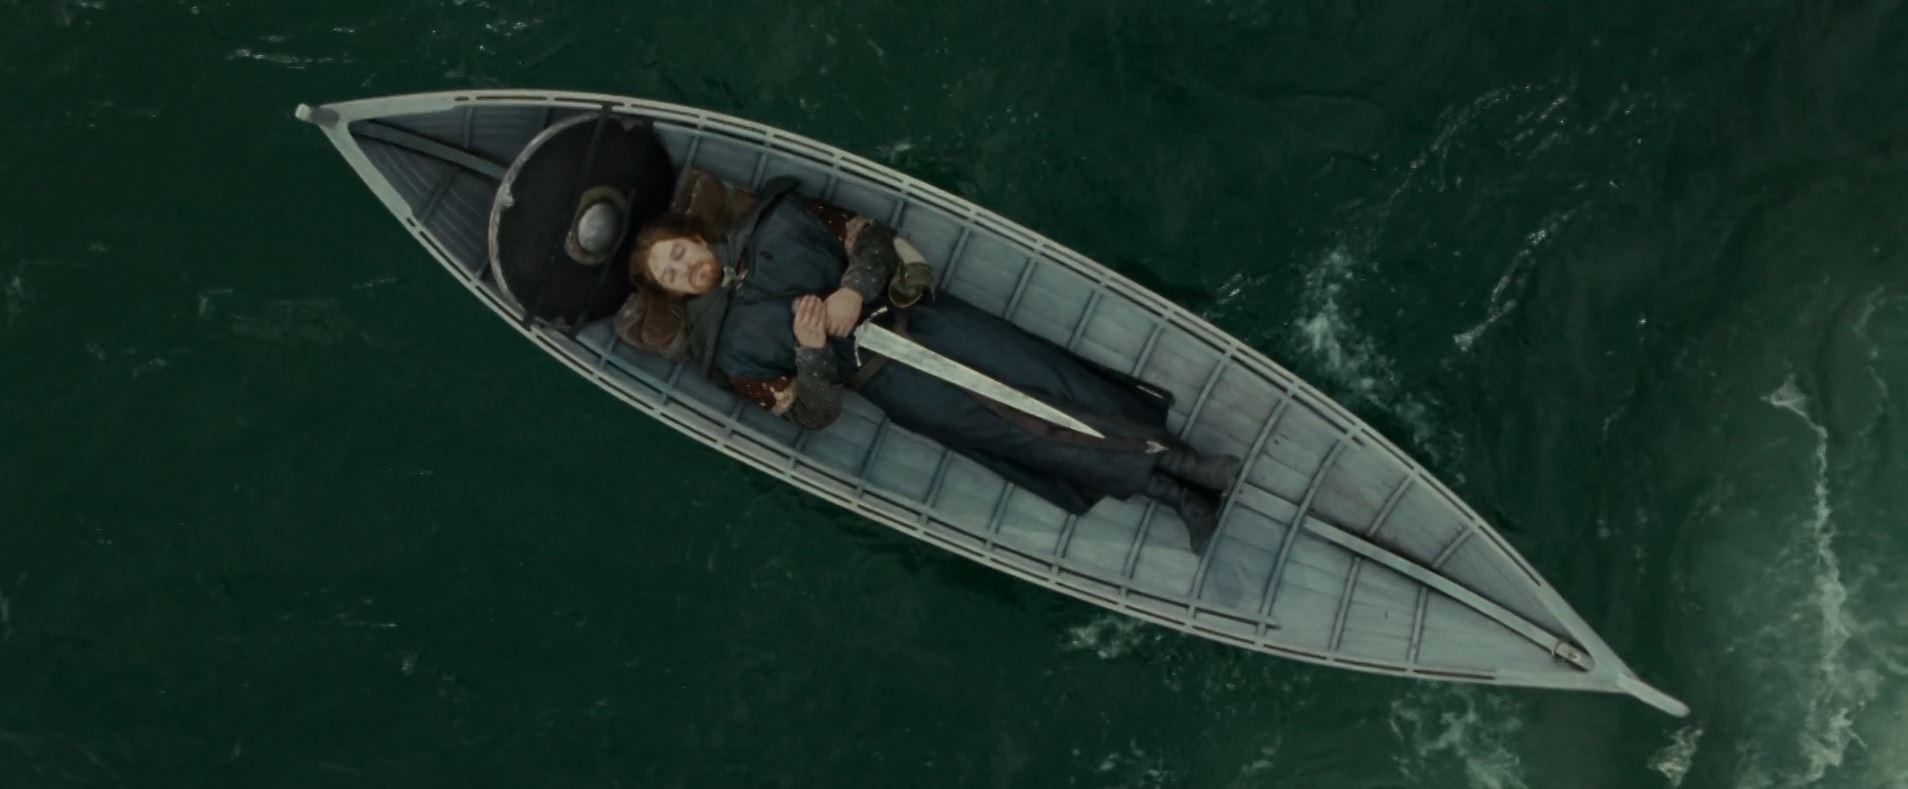 le seigneur des anneaux boromir barque mort